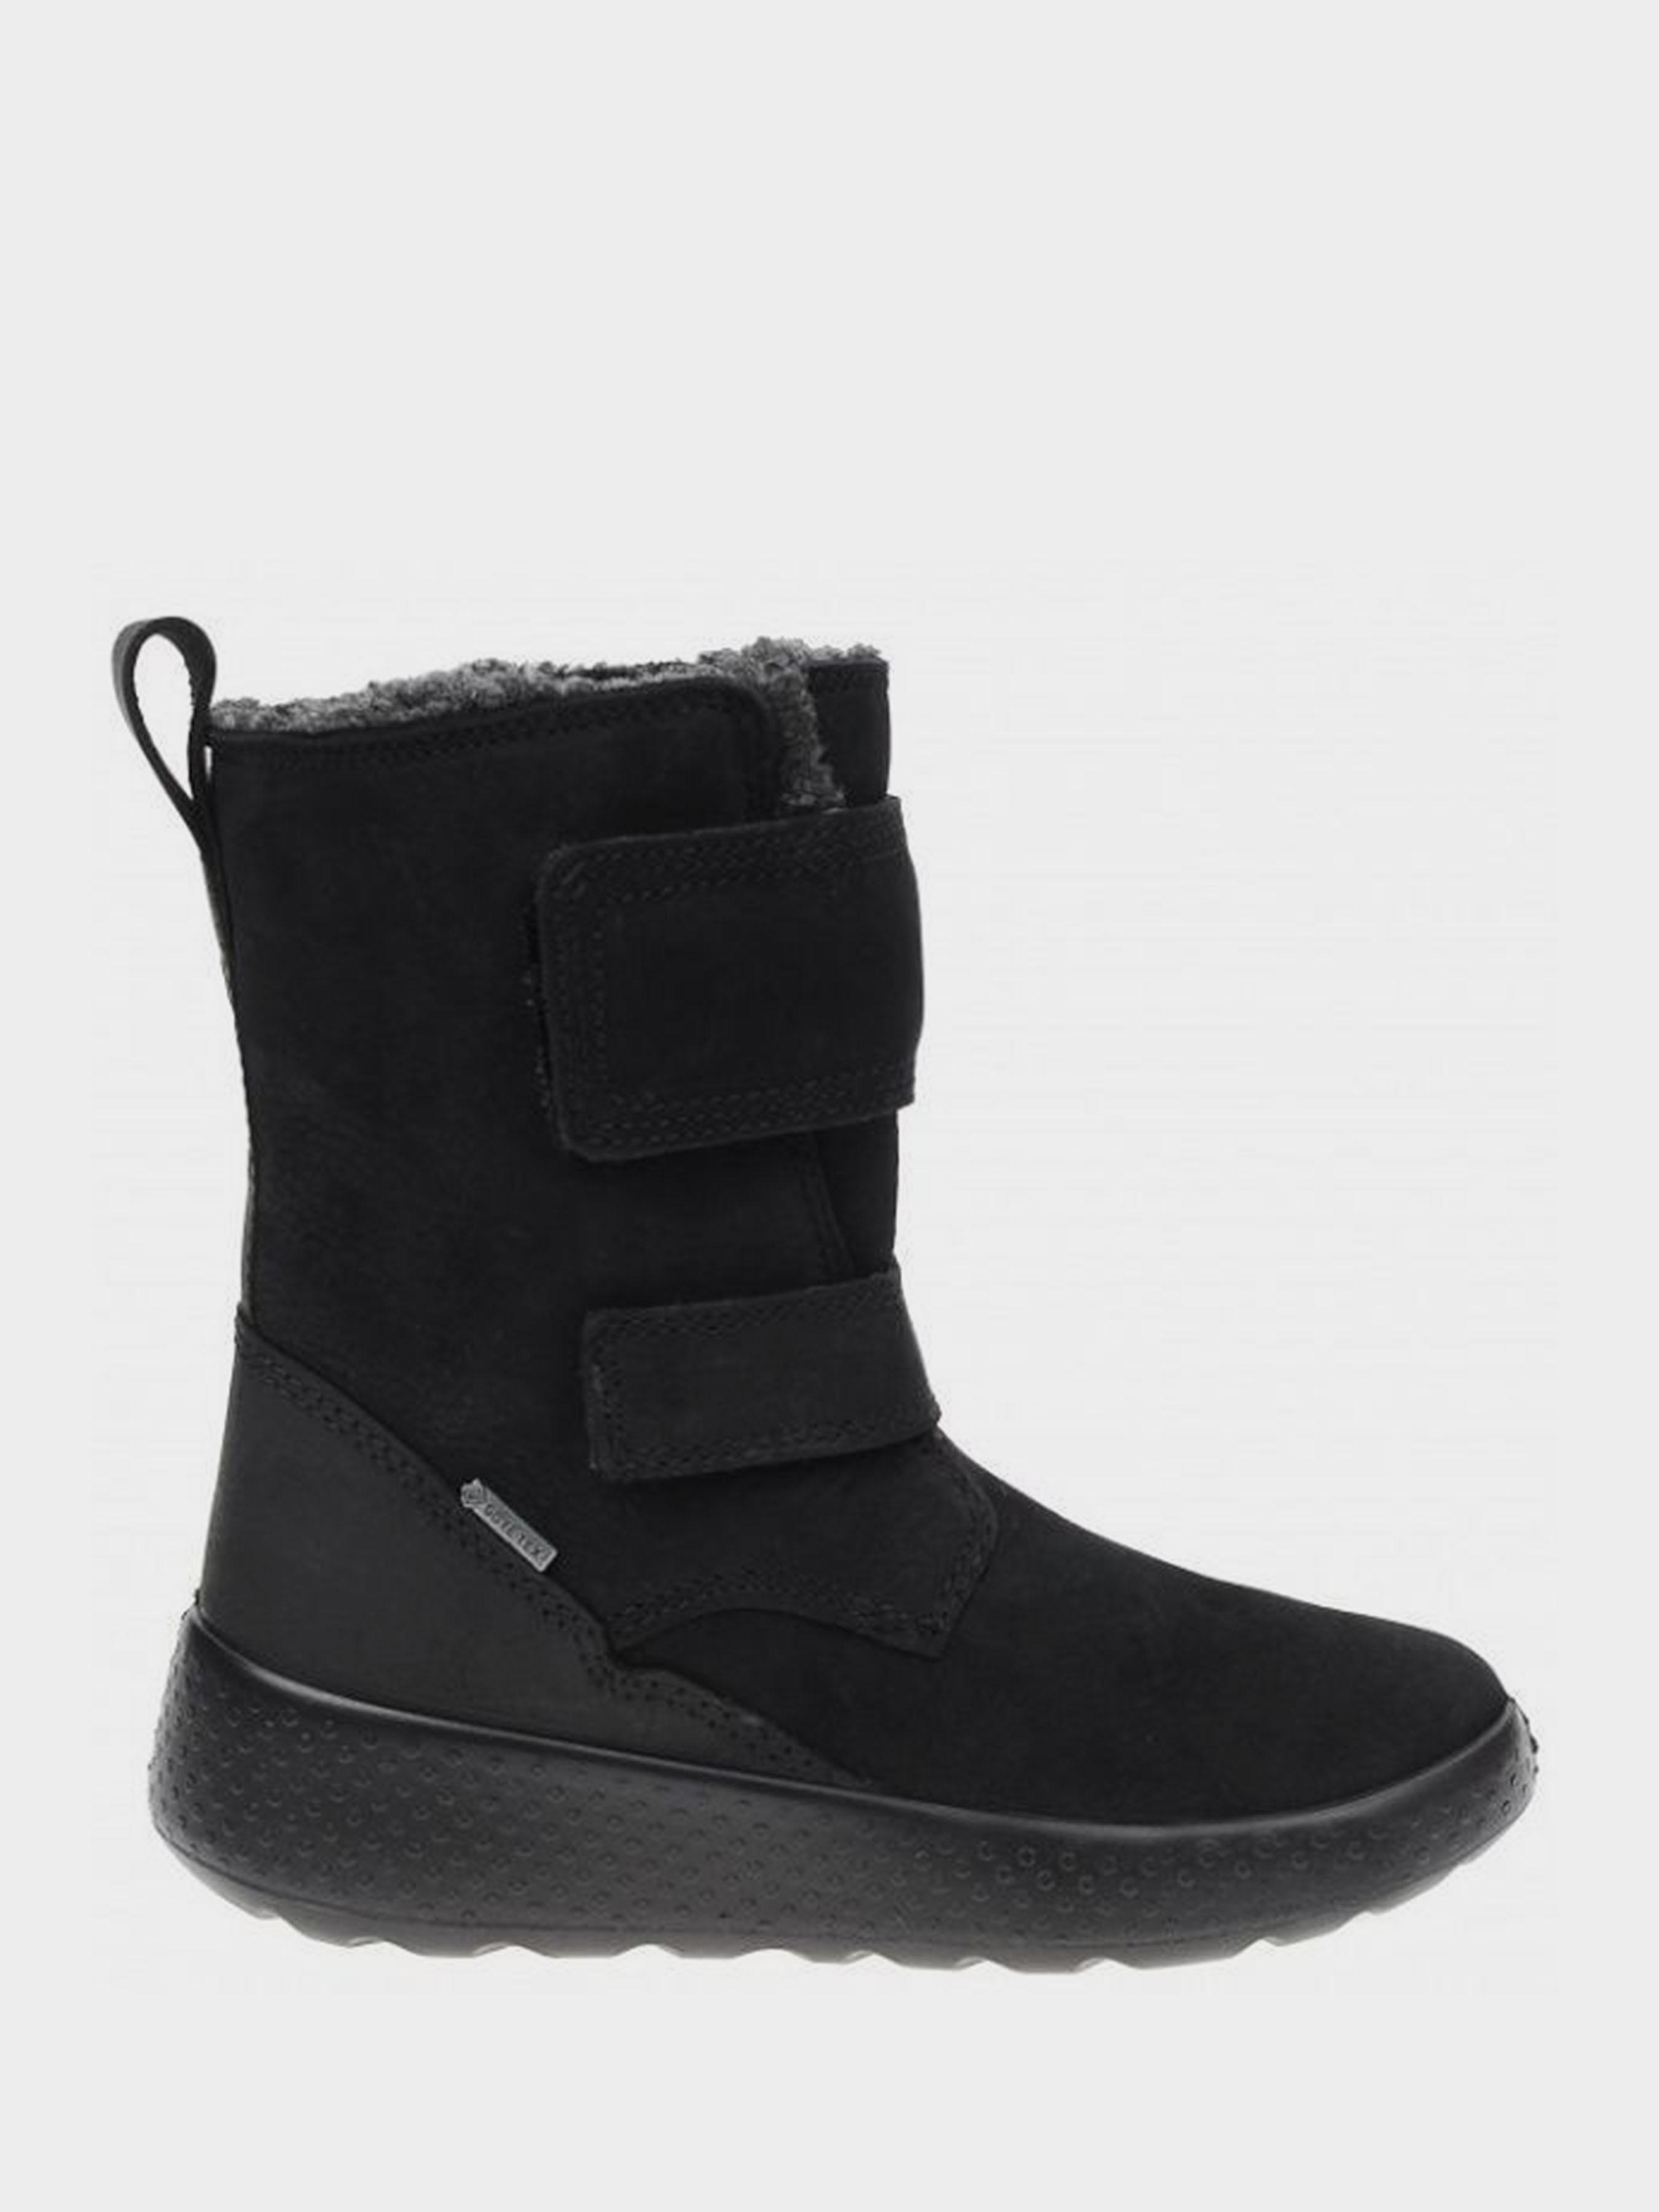 дівчачі чоботи ecco ukiuk kids 723752(51052) нубукові